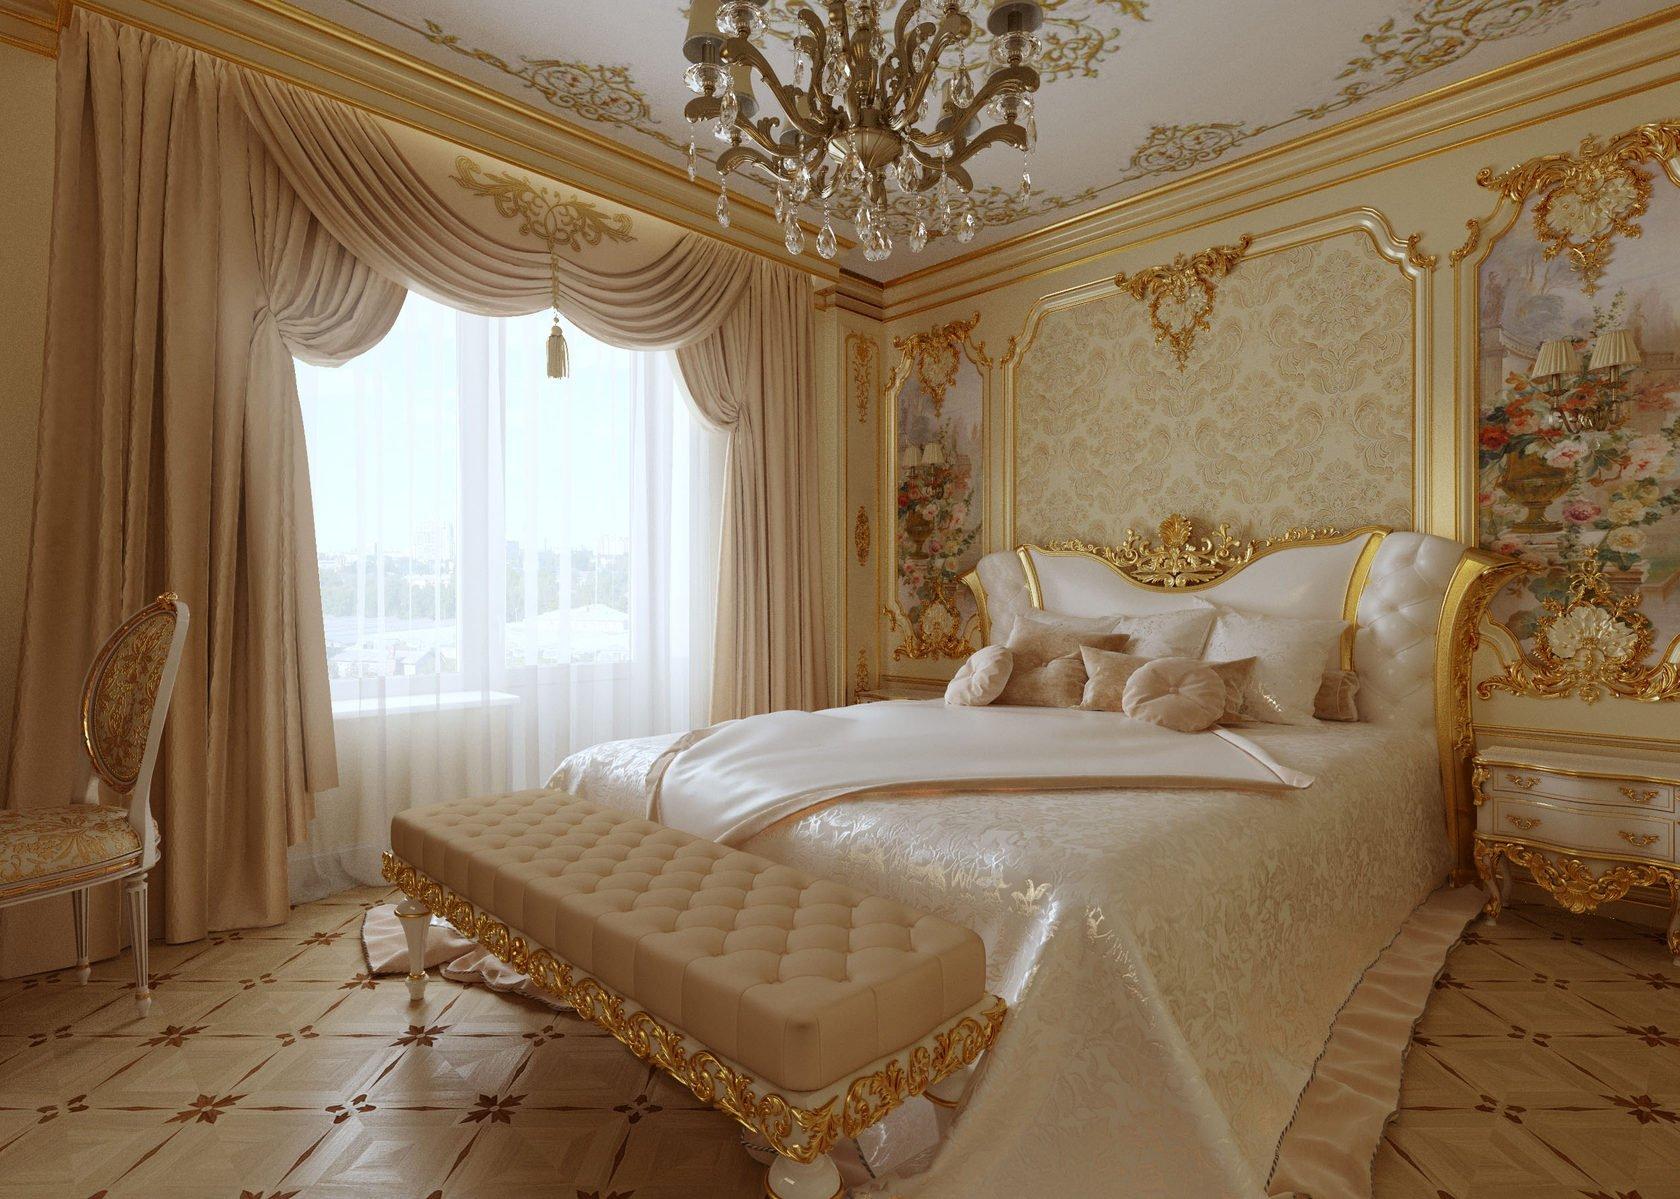 Спальня в дворцовом стиле